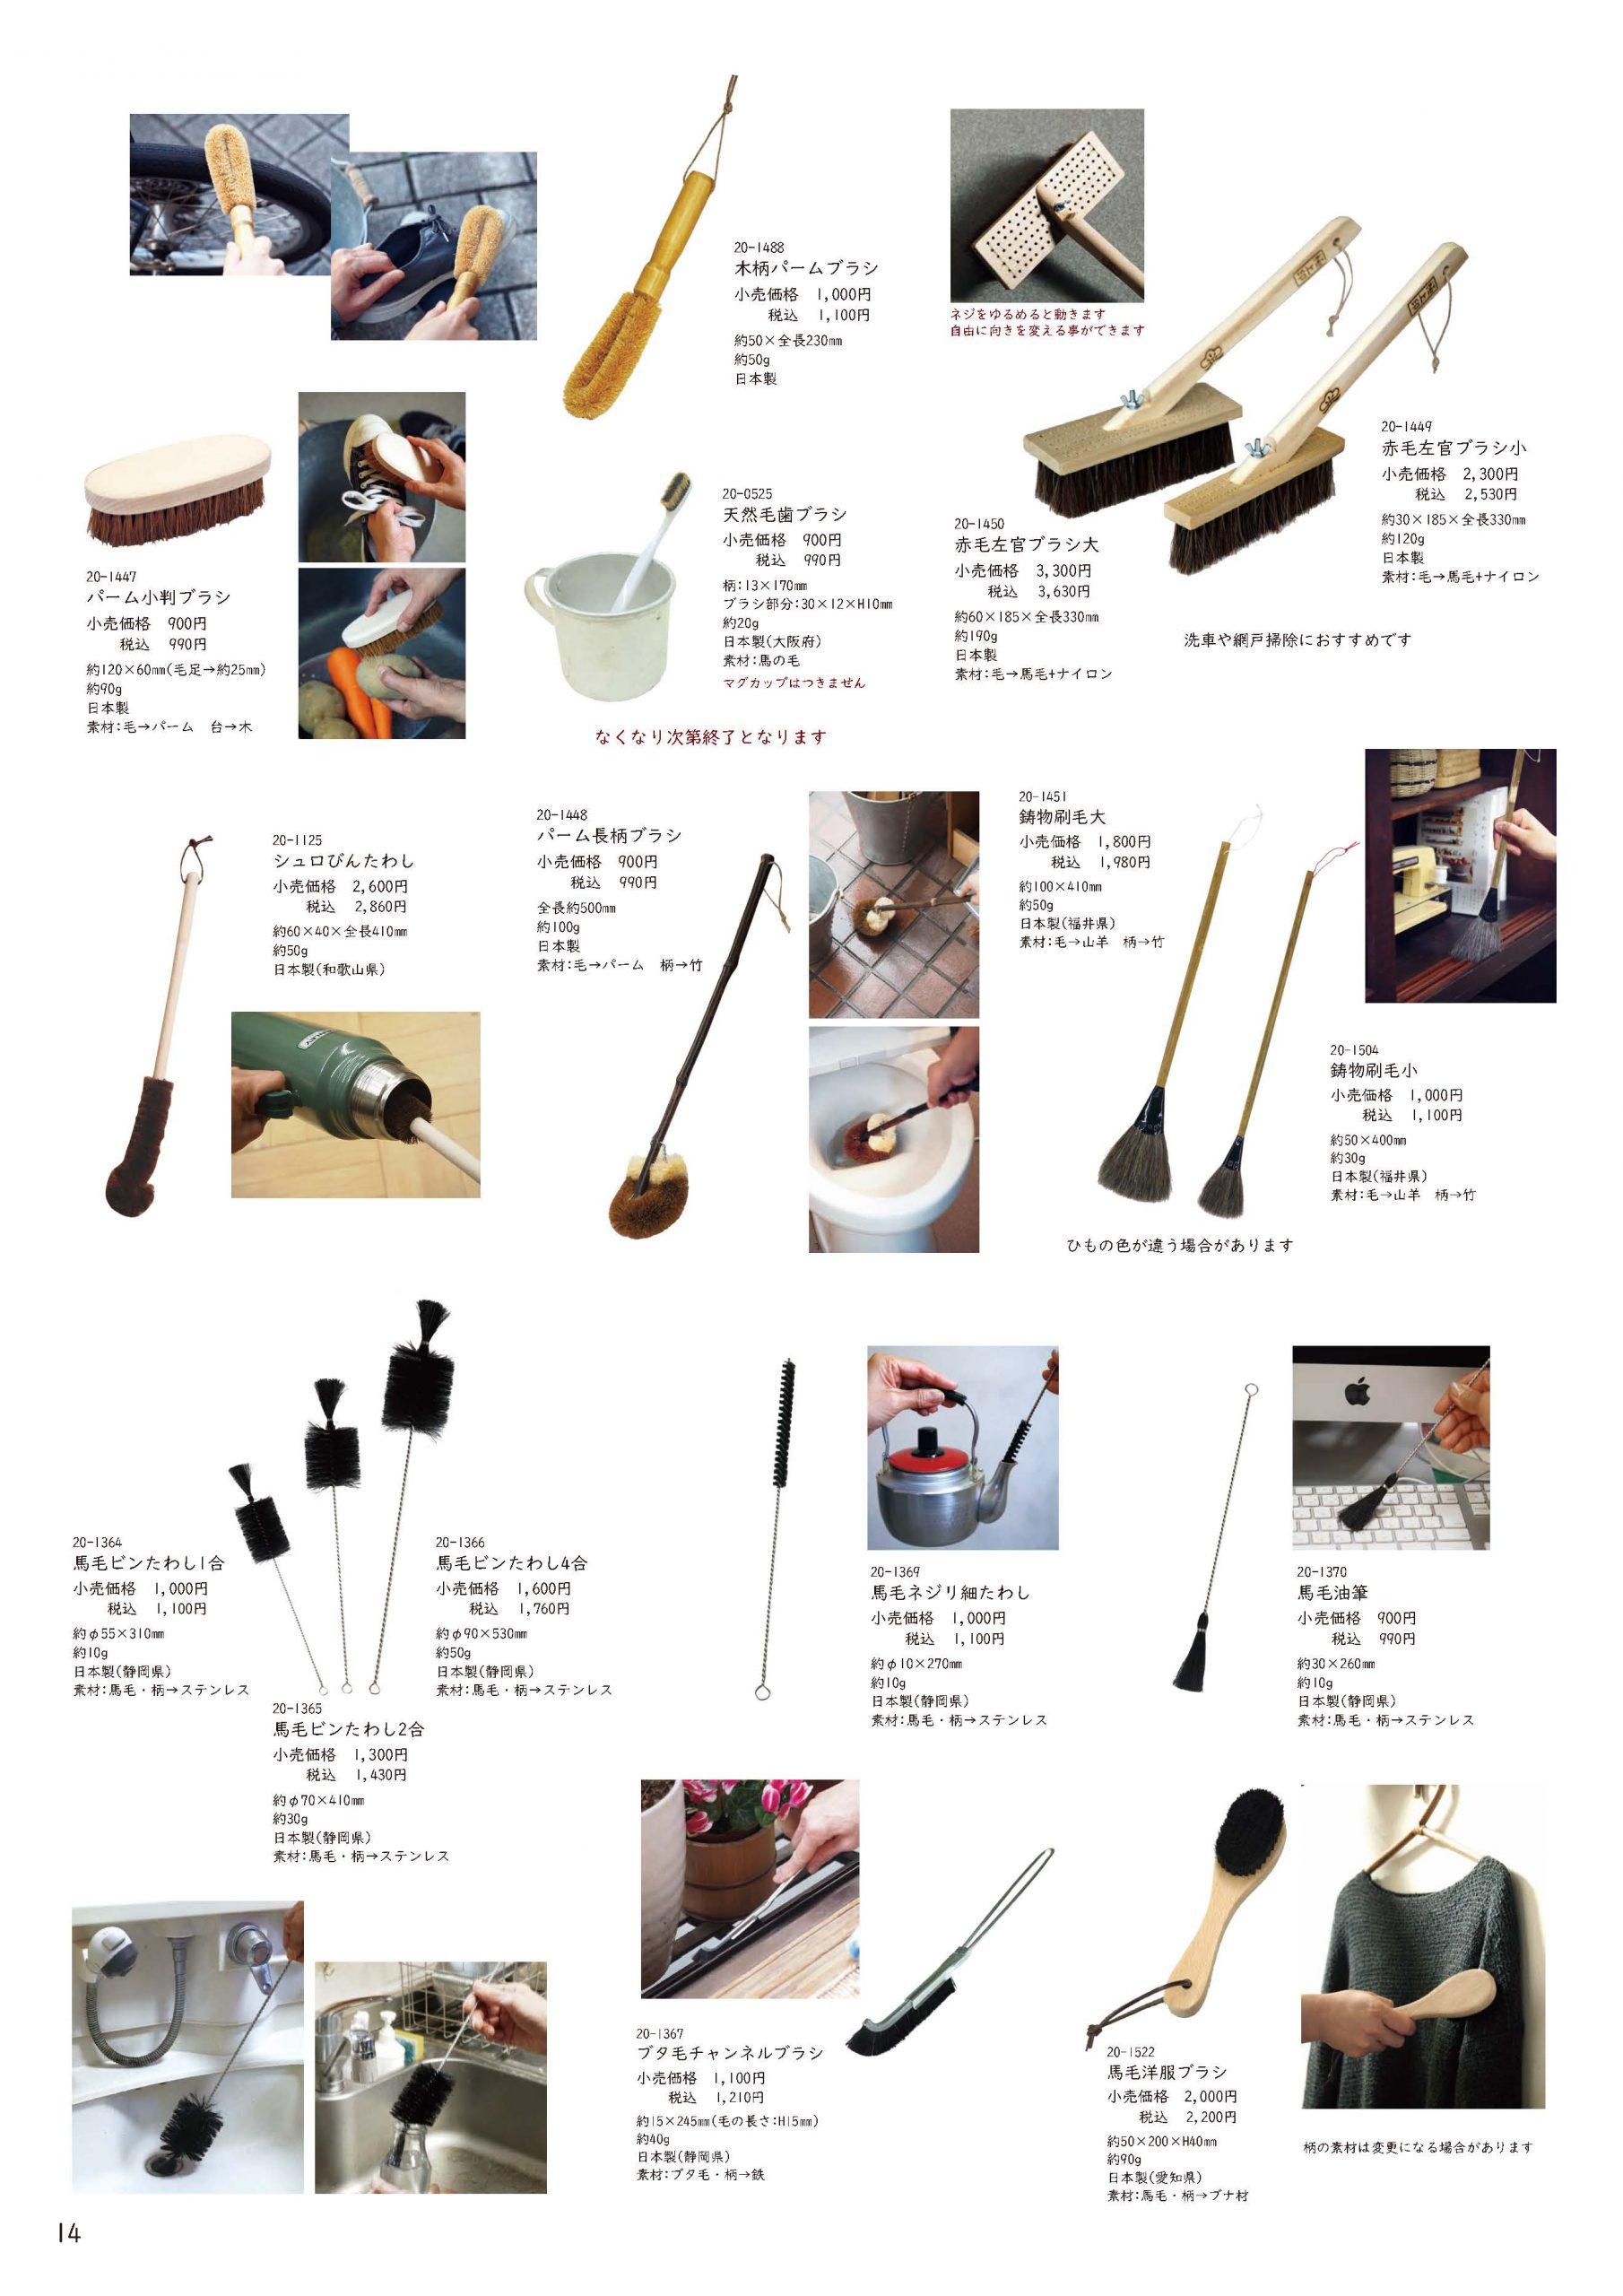 掃除道具・ガーデニング②-ほうき・たわし-